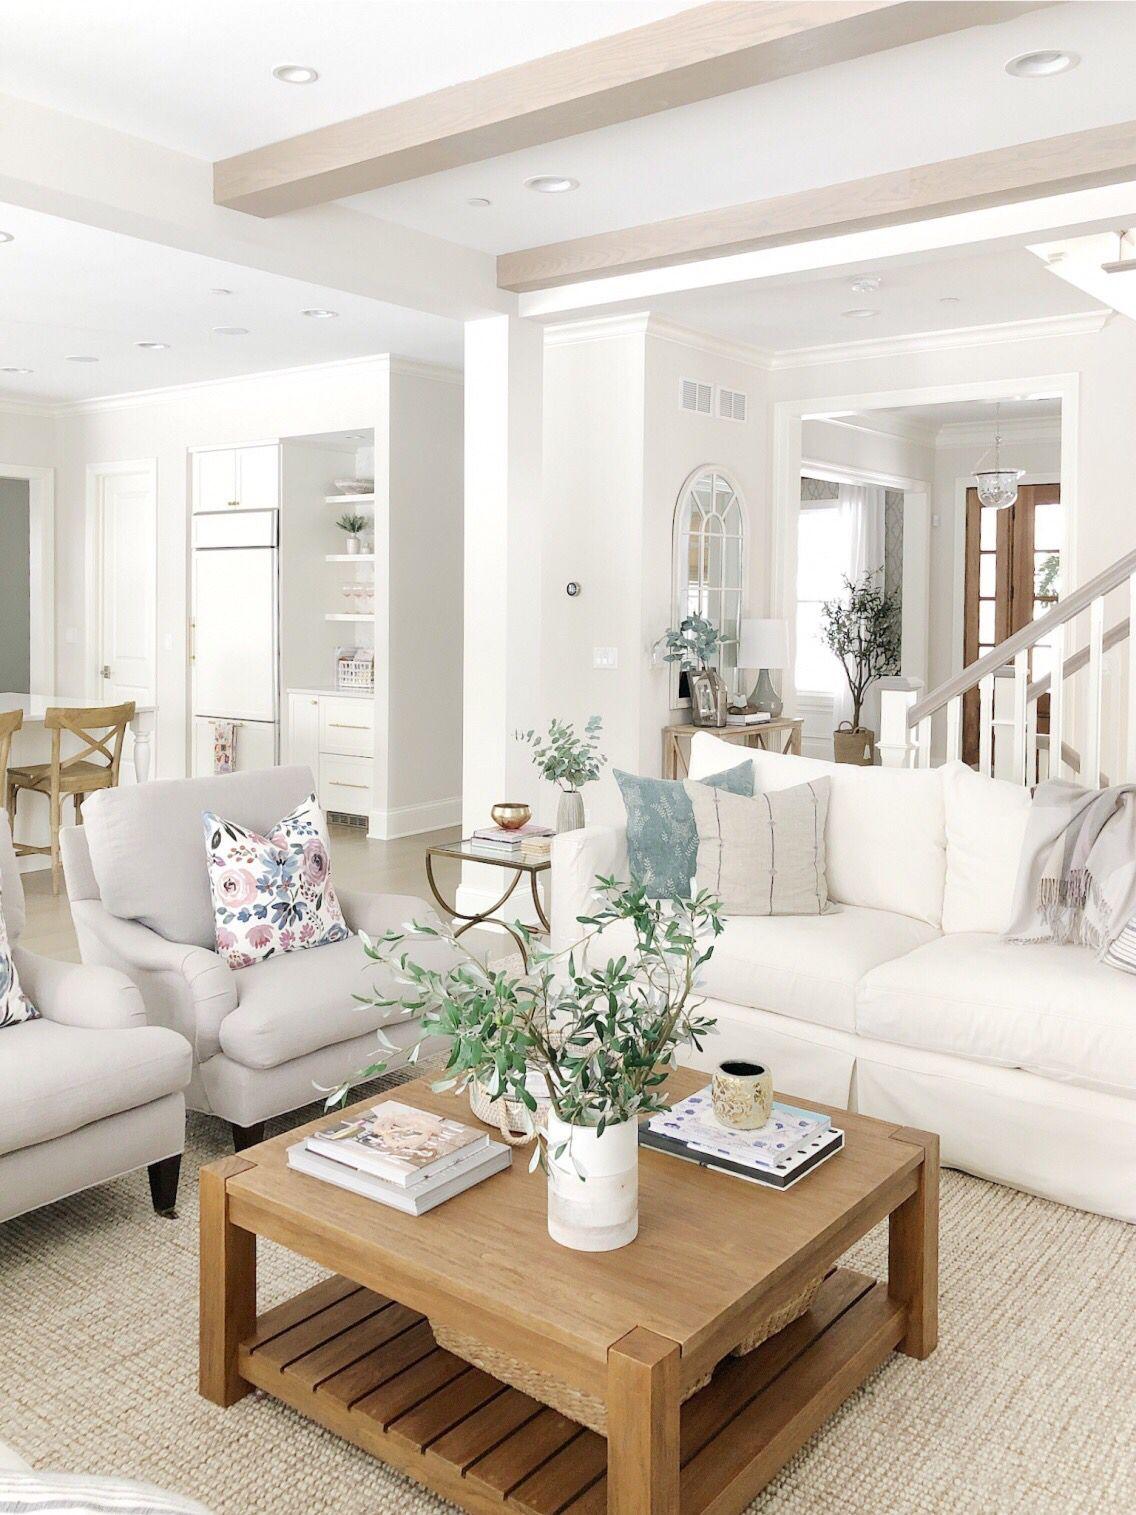 Living Room Decor In 2020 Living Room Grey Farm House Living Room Fall Living Room #open #floor #plan #living #room #ideas